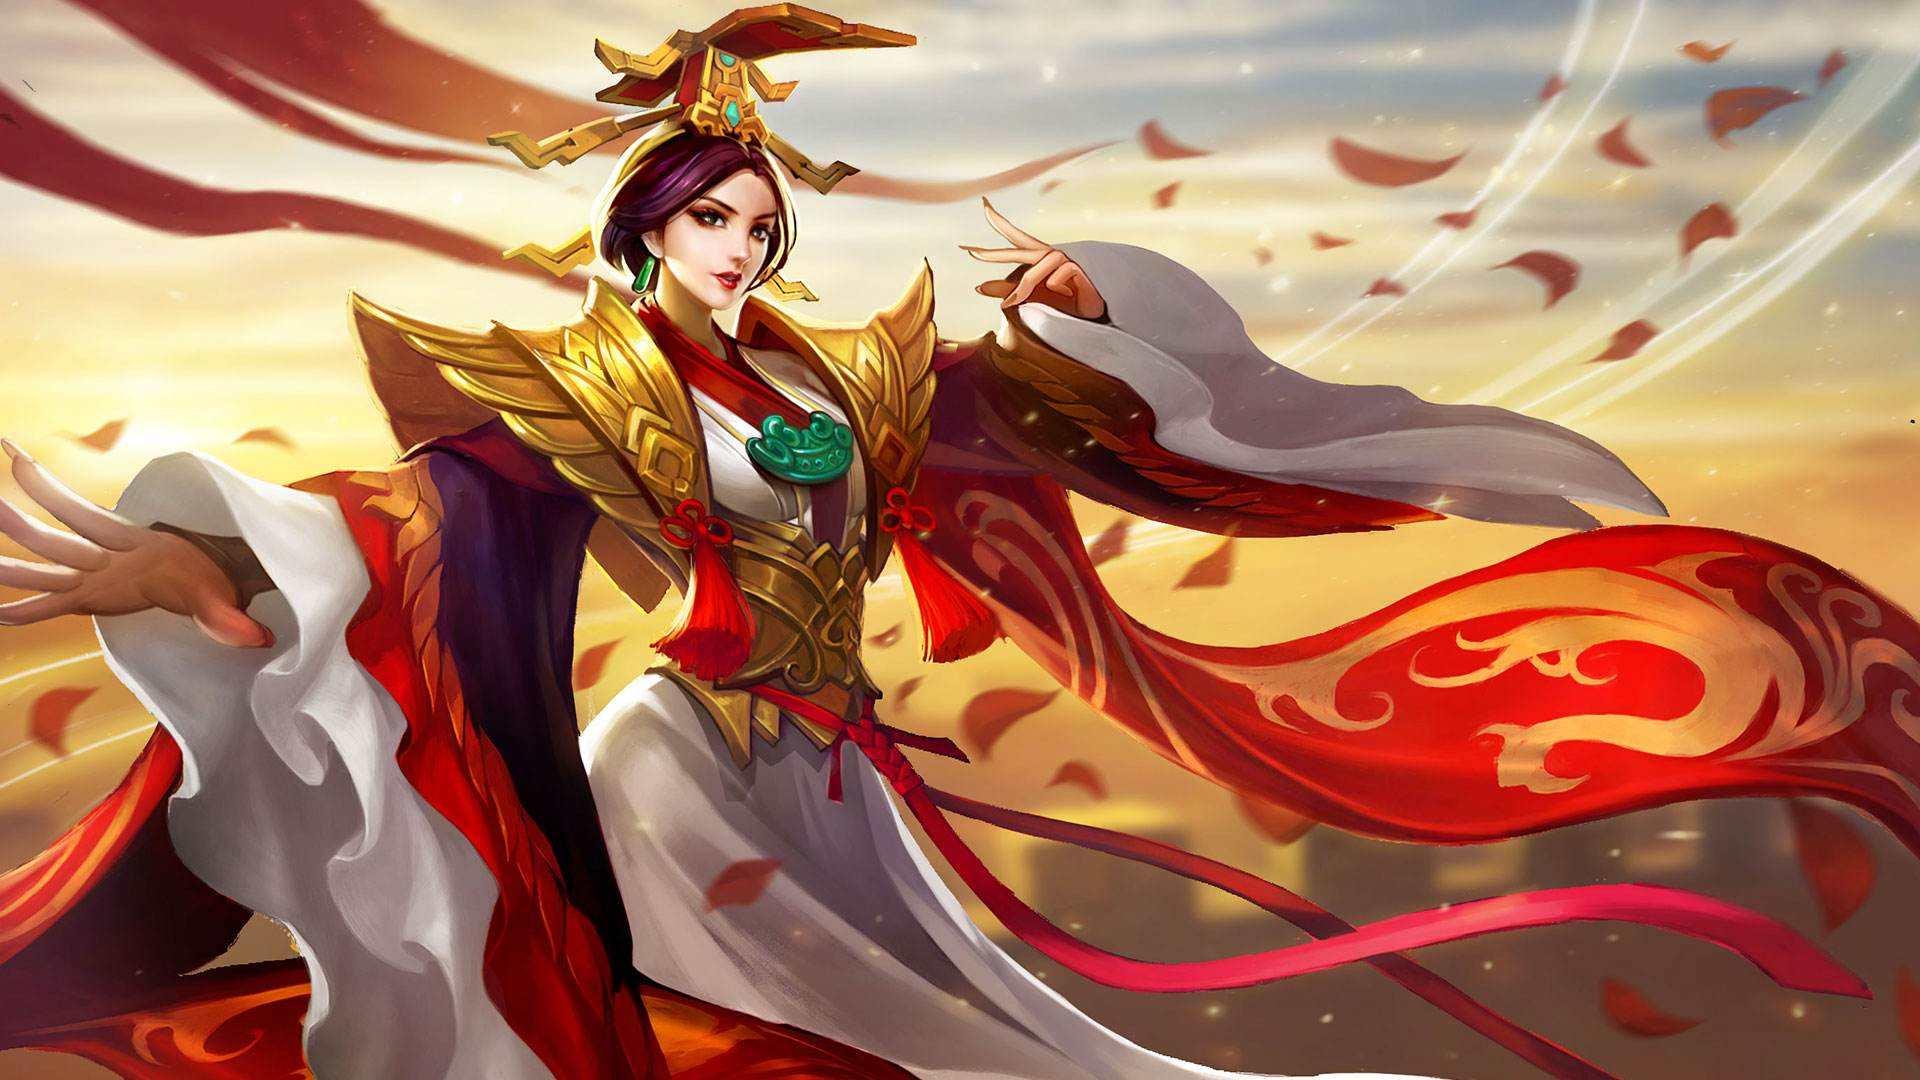 王者荣耀: 身着帝王服饰的3位英雄, 最后的她是嬴政的高祖母